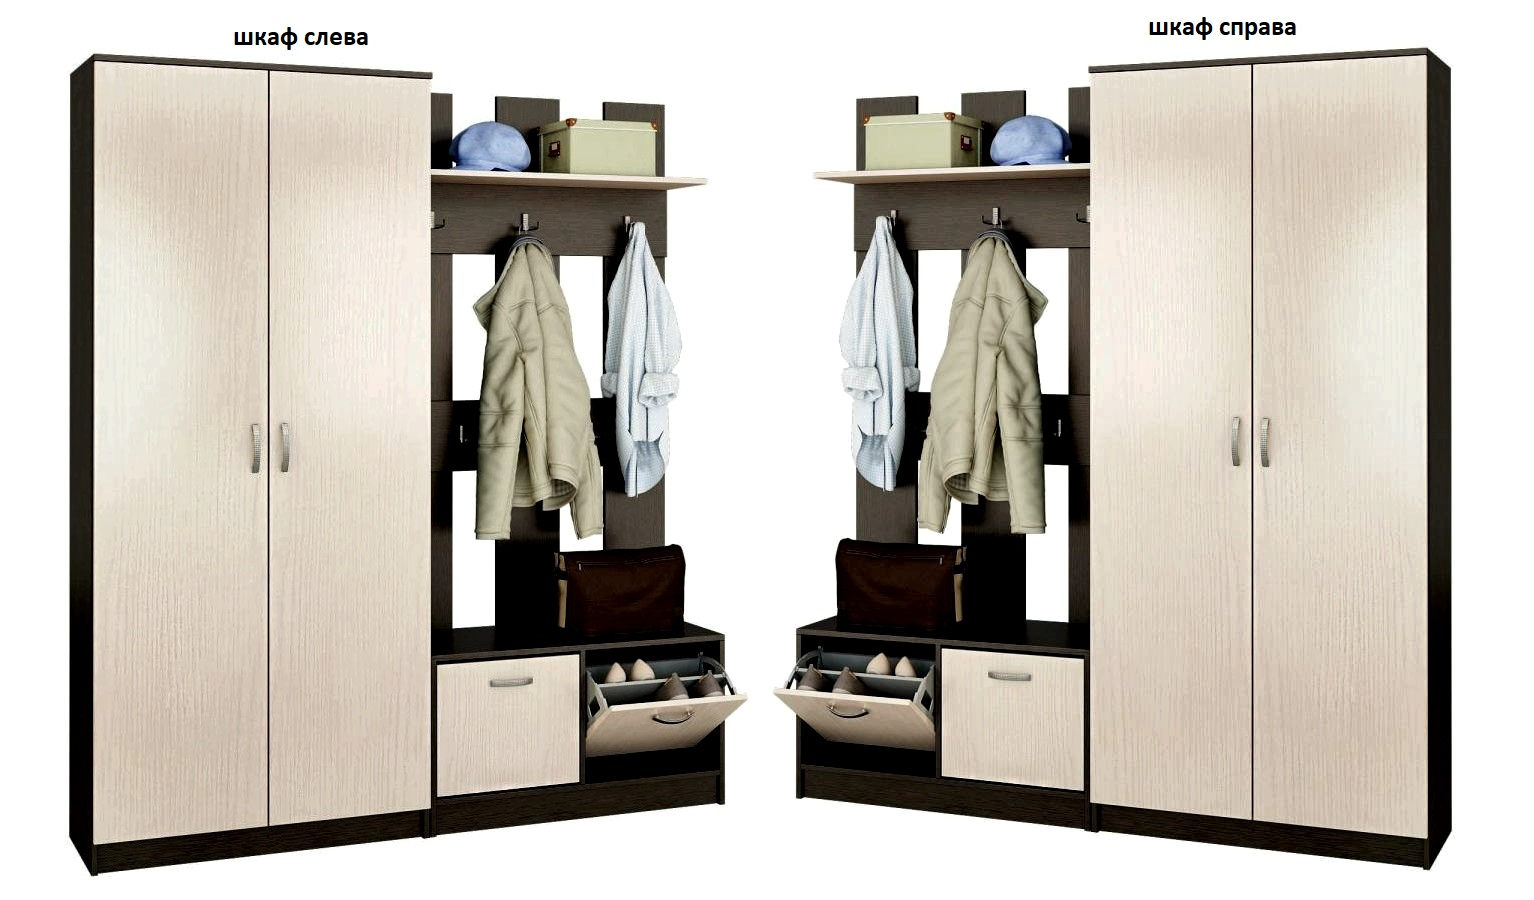 Прихожая Ольга-6 шкаф слева или справа